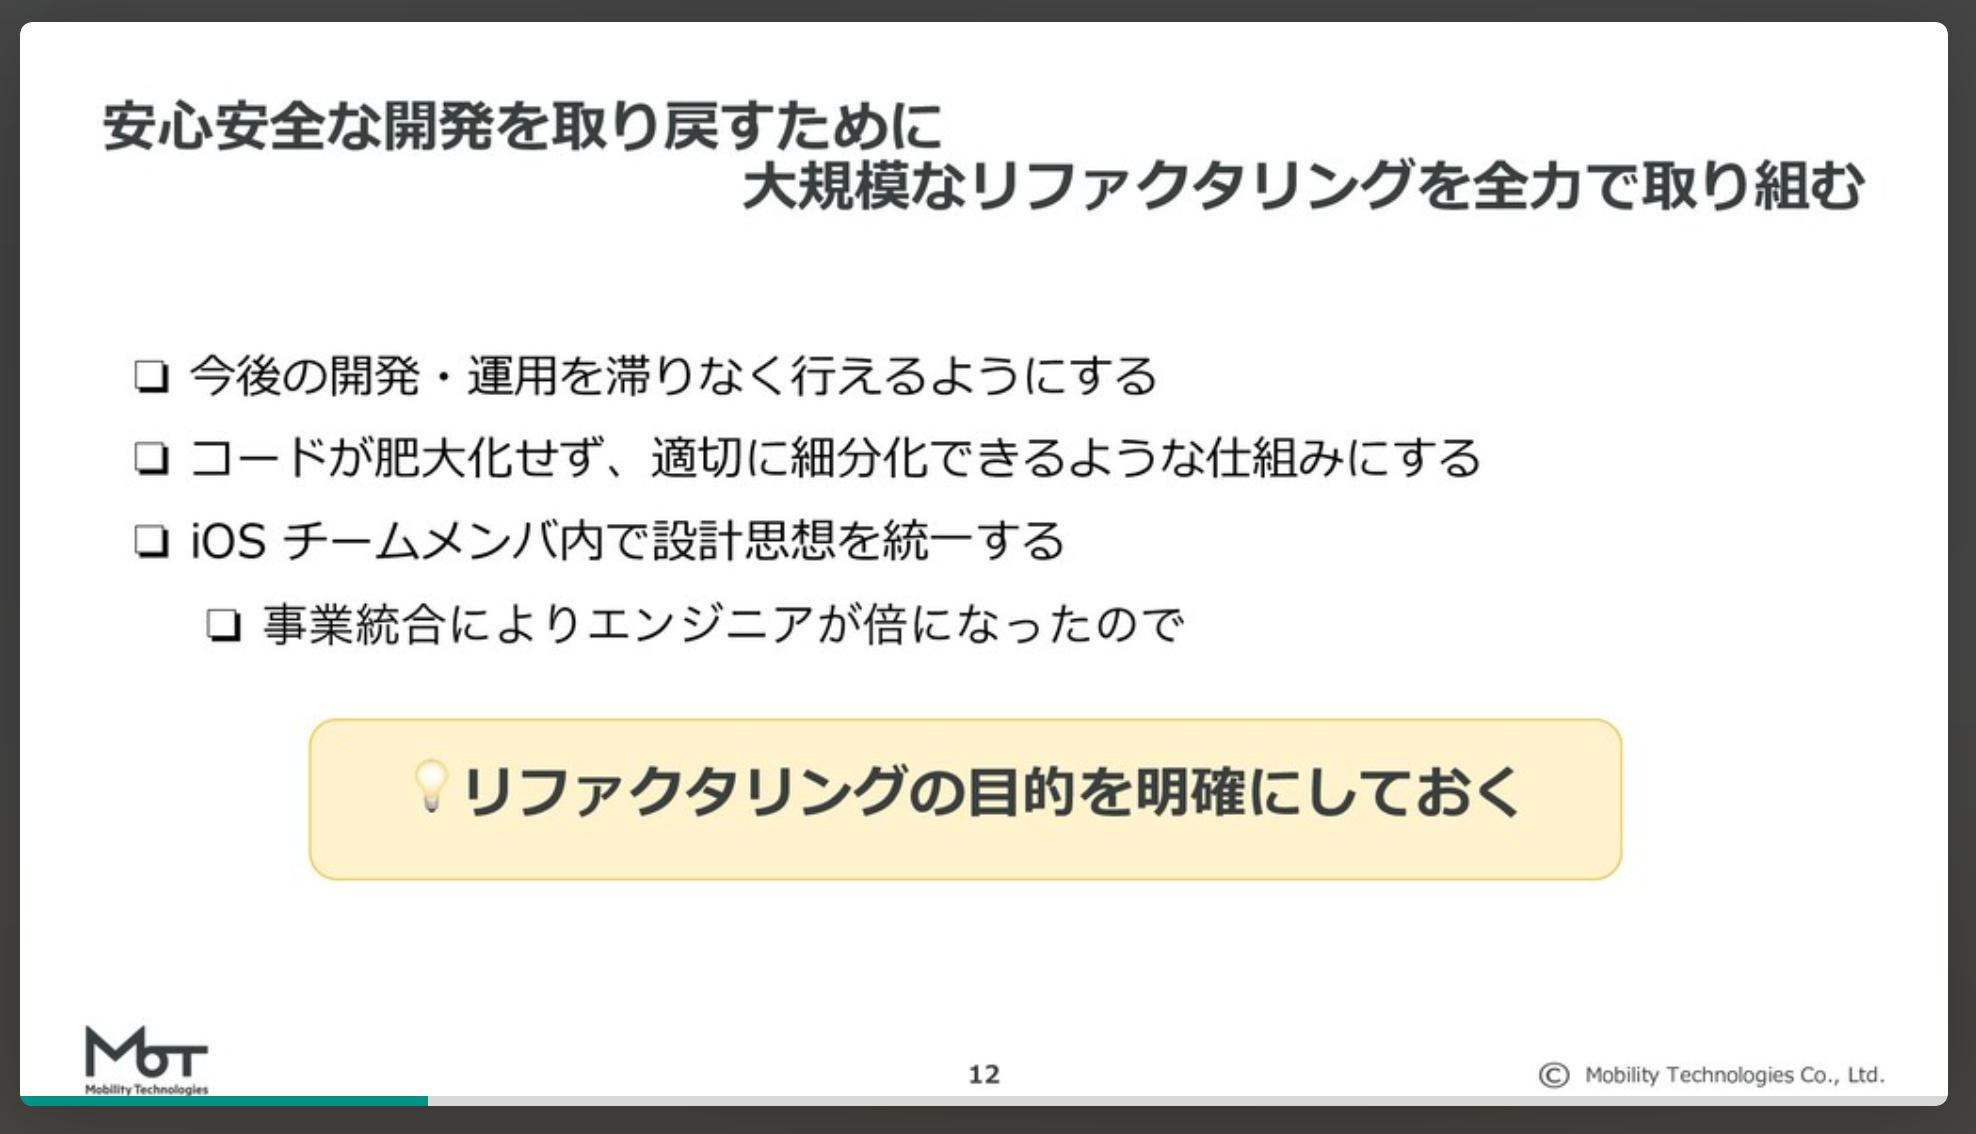 スクリーンショット 2021-09-18 9.25.13.png